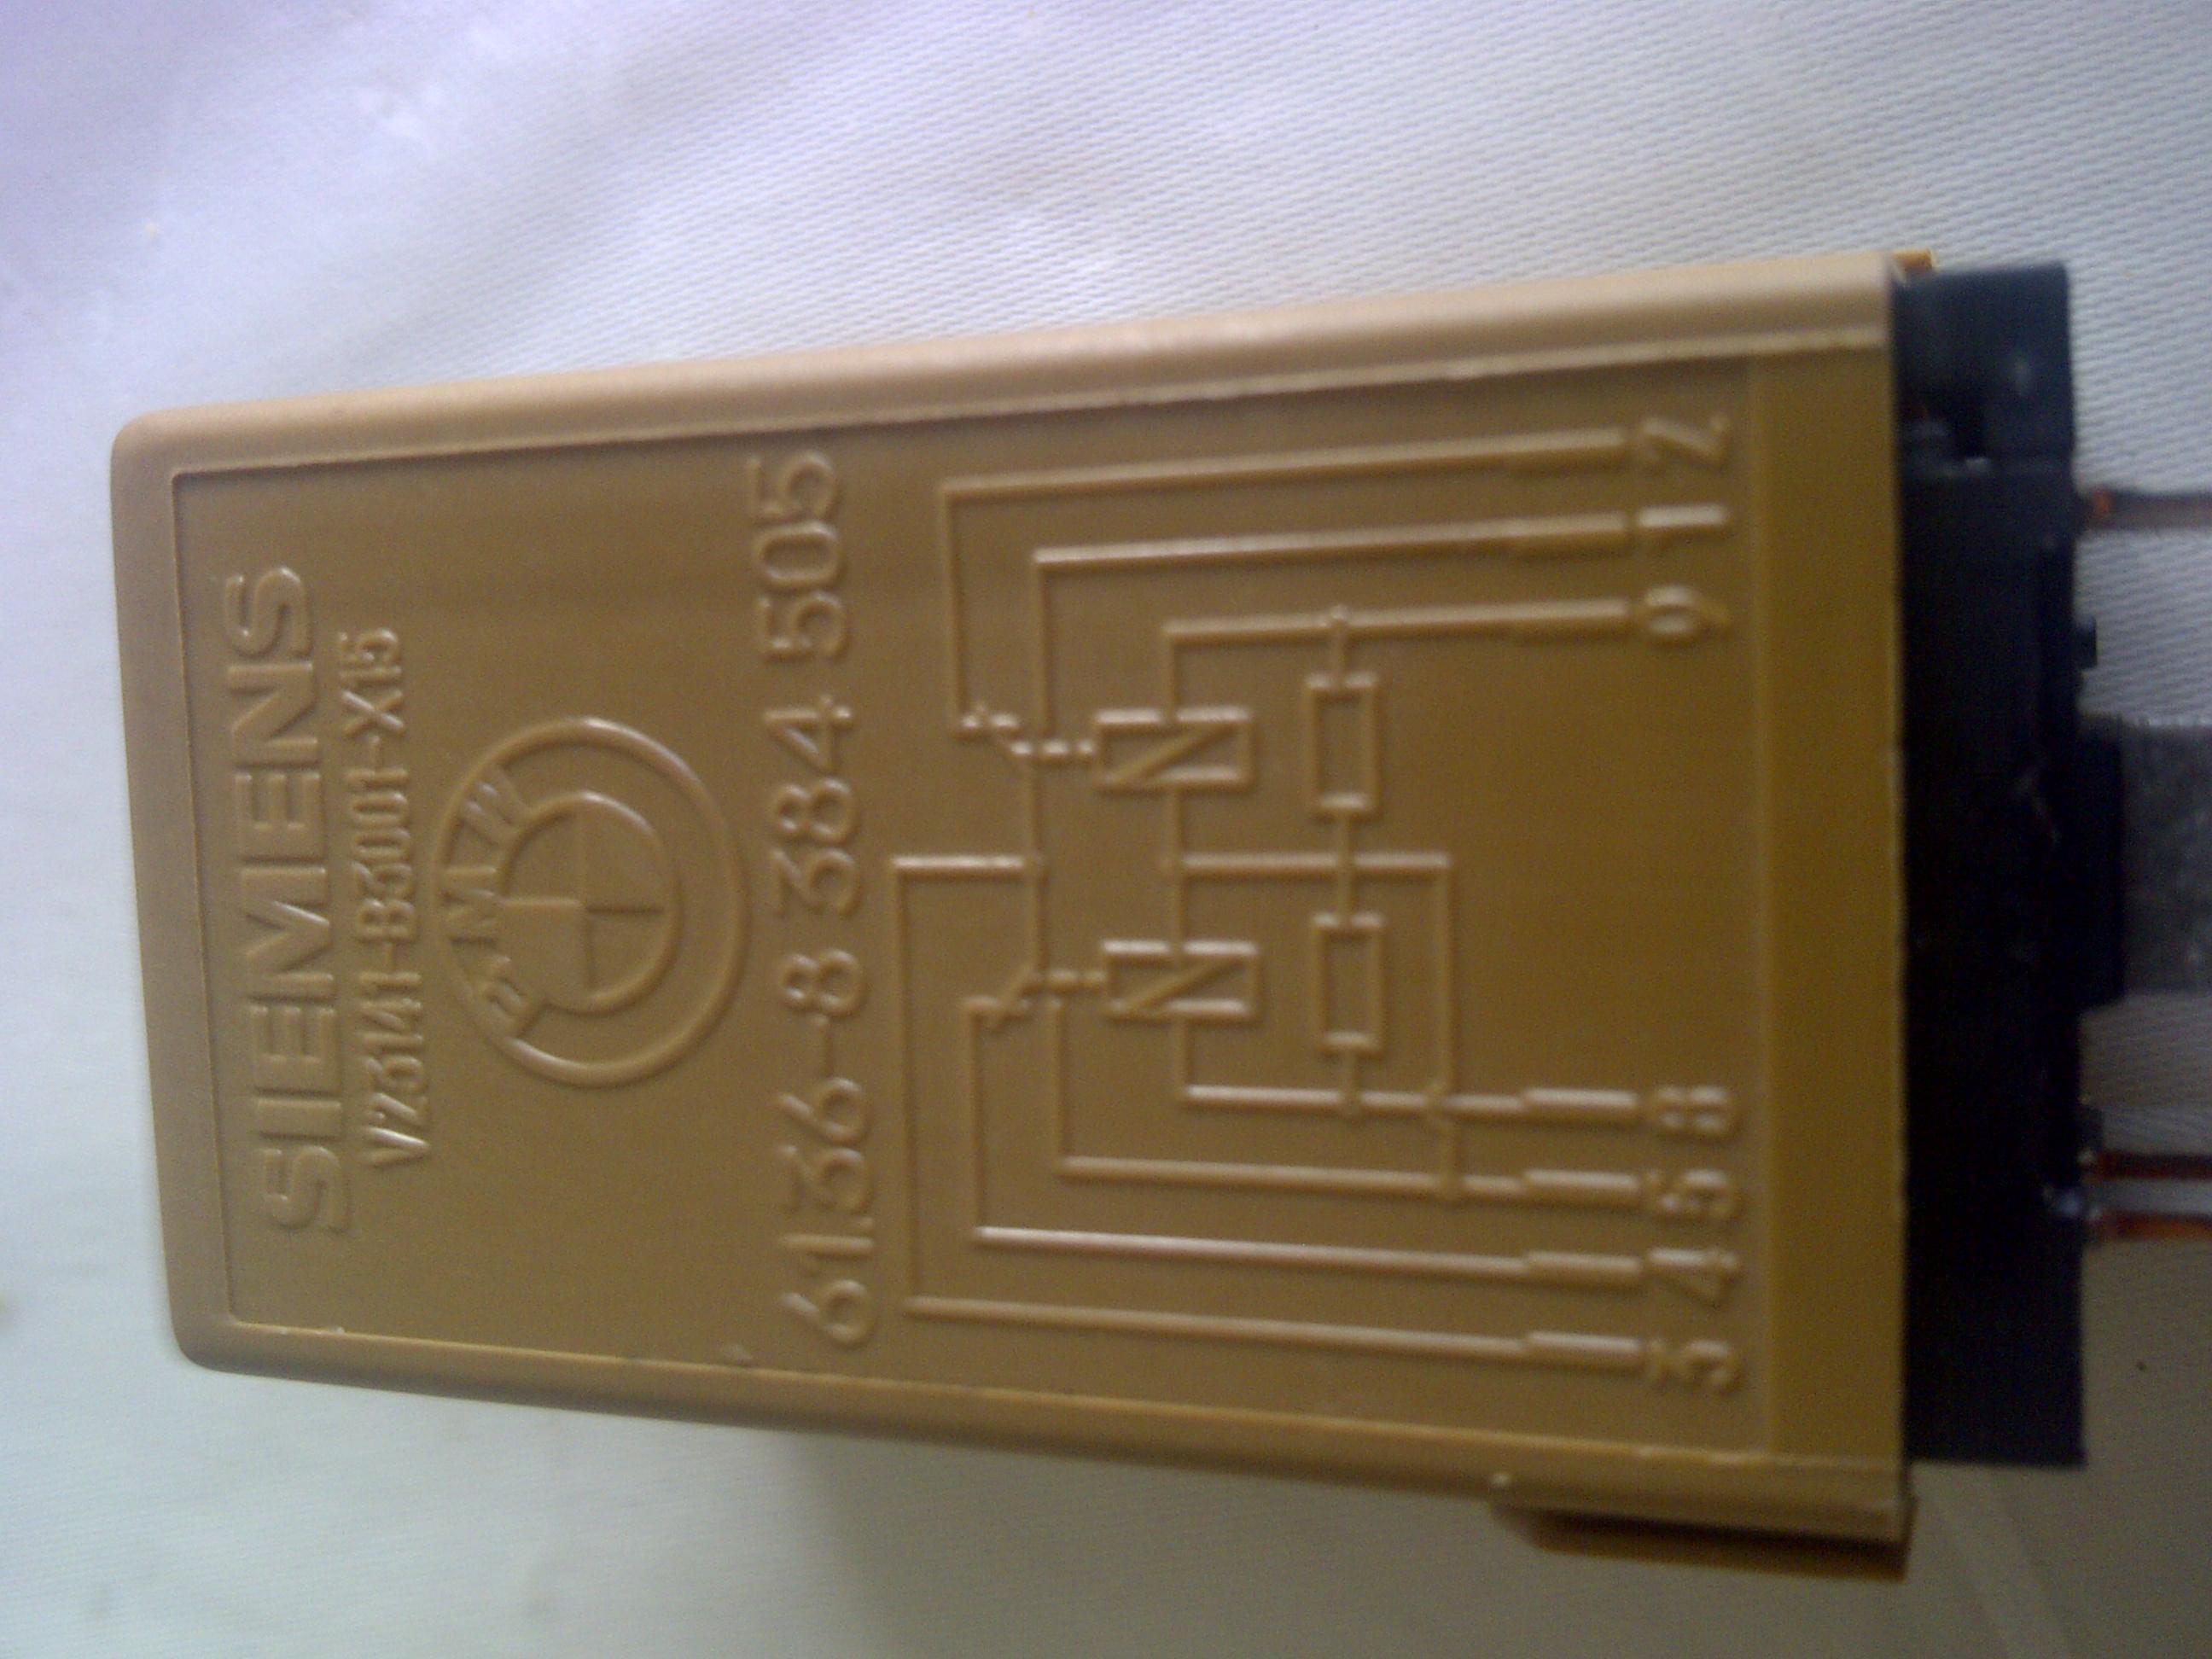 2001 bmw 740il fuse diagram wirdig bmw fuse box location also vacuum hose leak bmw x5 on 2000 bmw